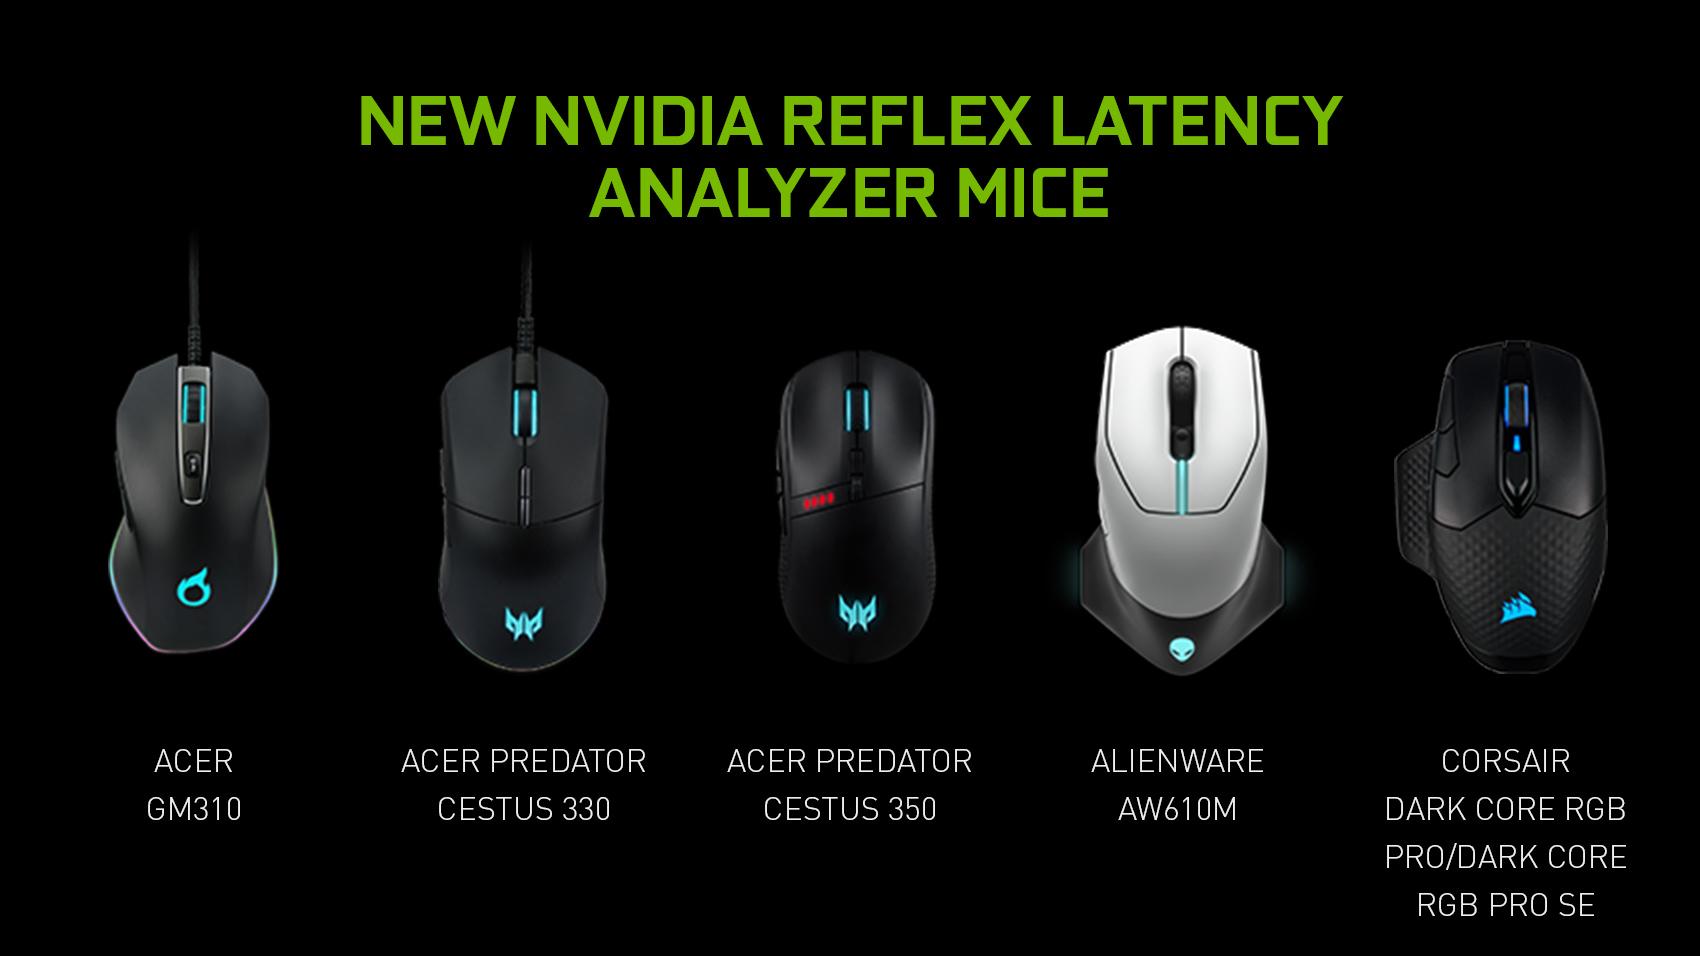 nvidia geforce game on 2021 new reflex latency analyzer mice